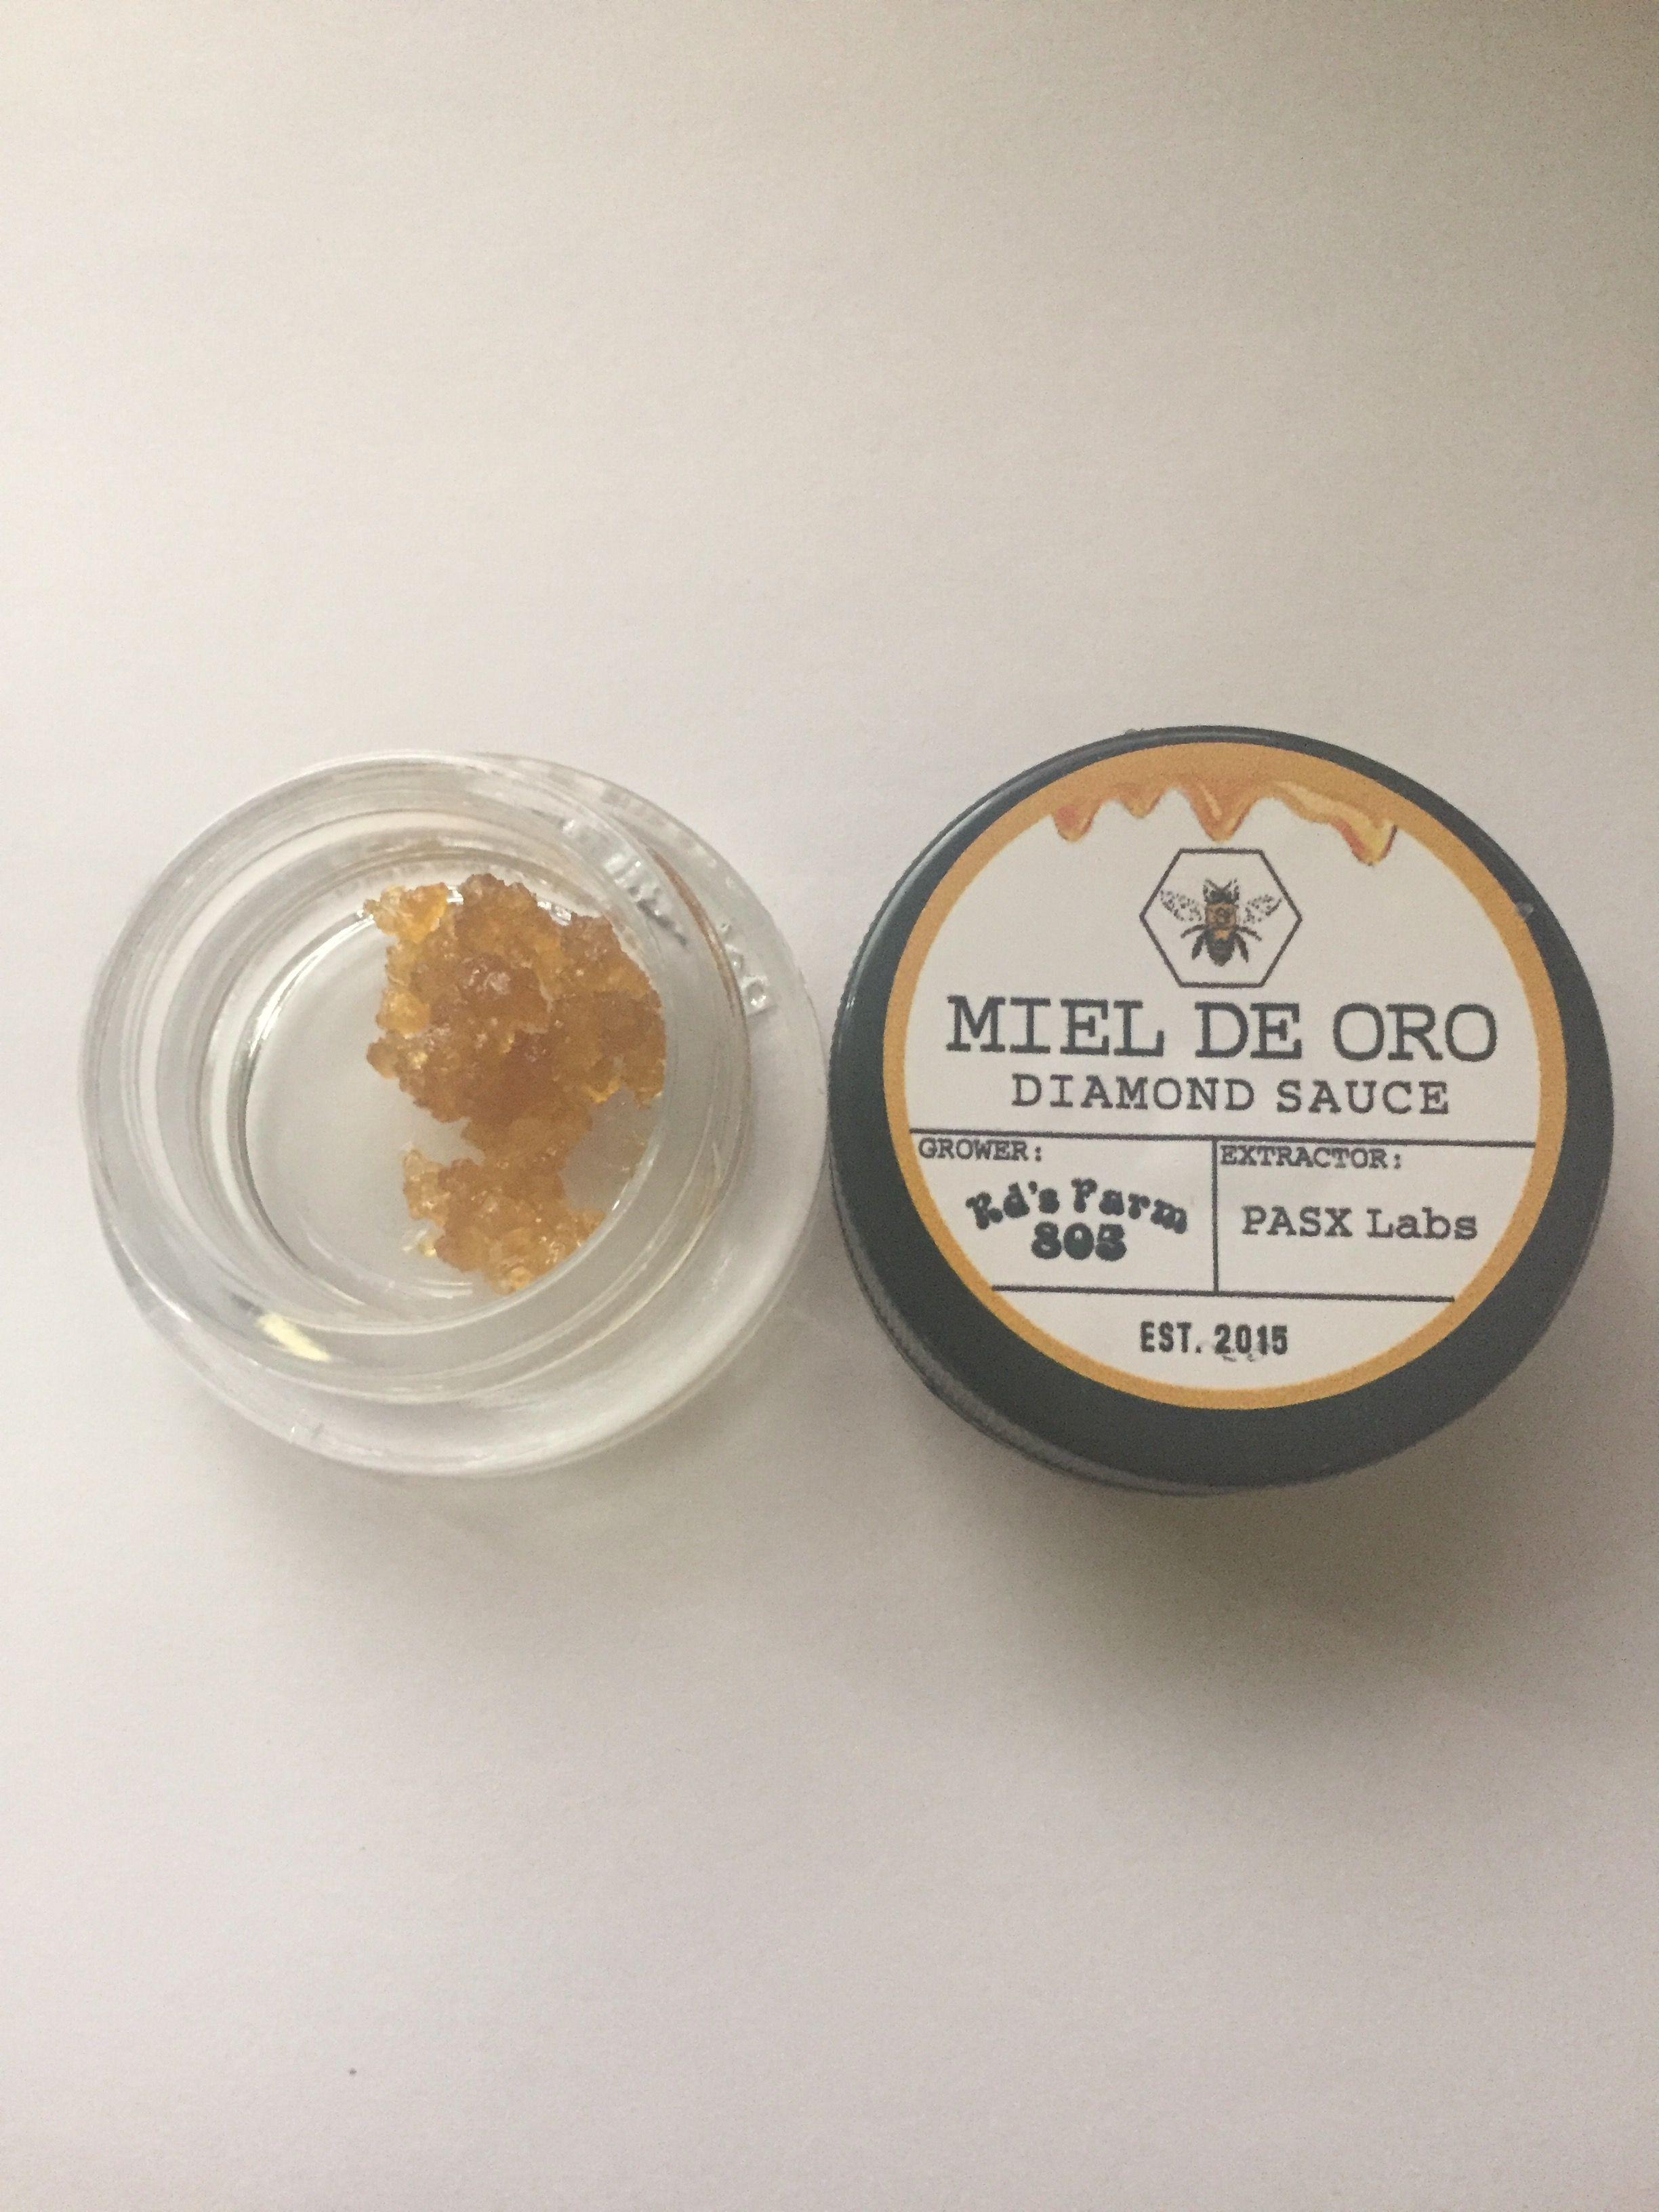 Meil De Oro - Diamond Sauce